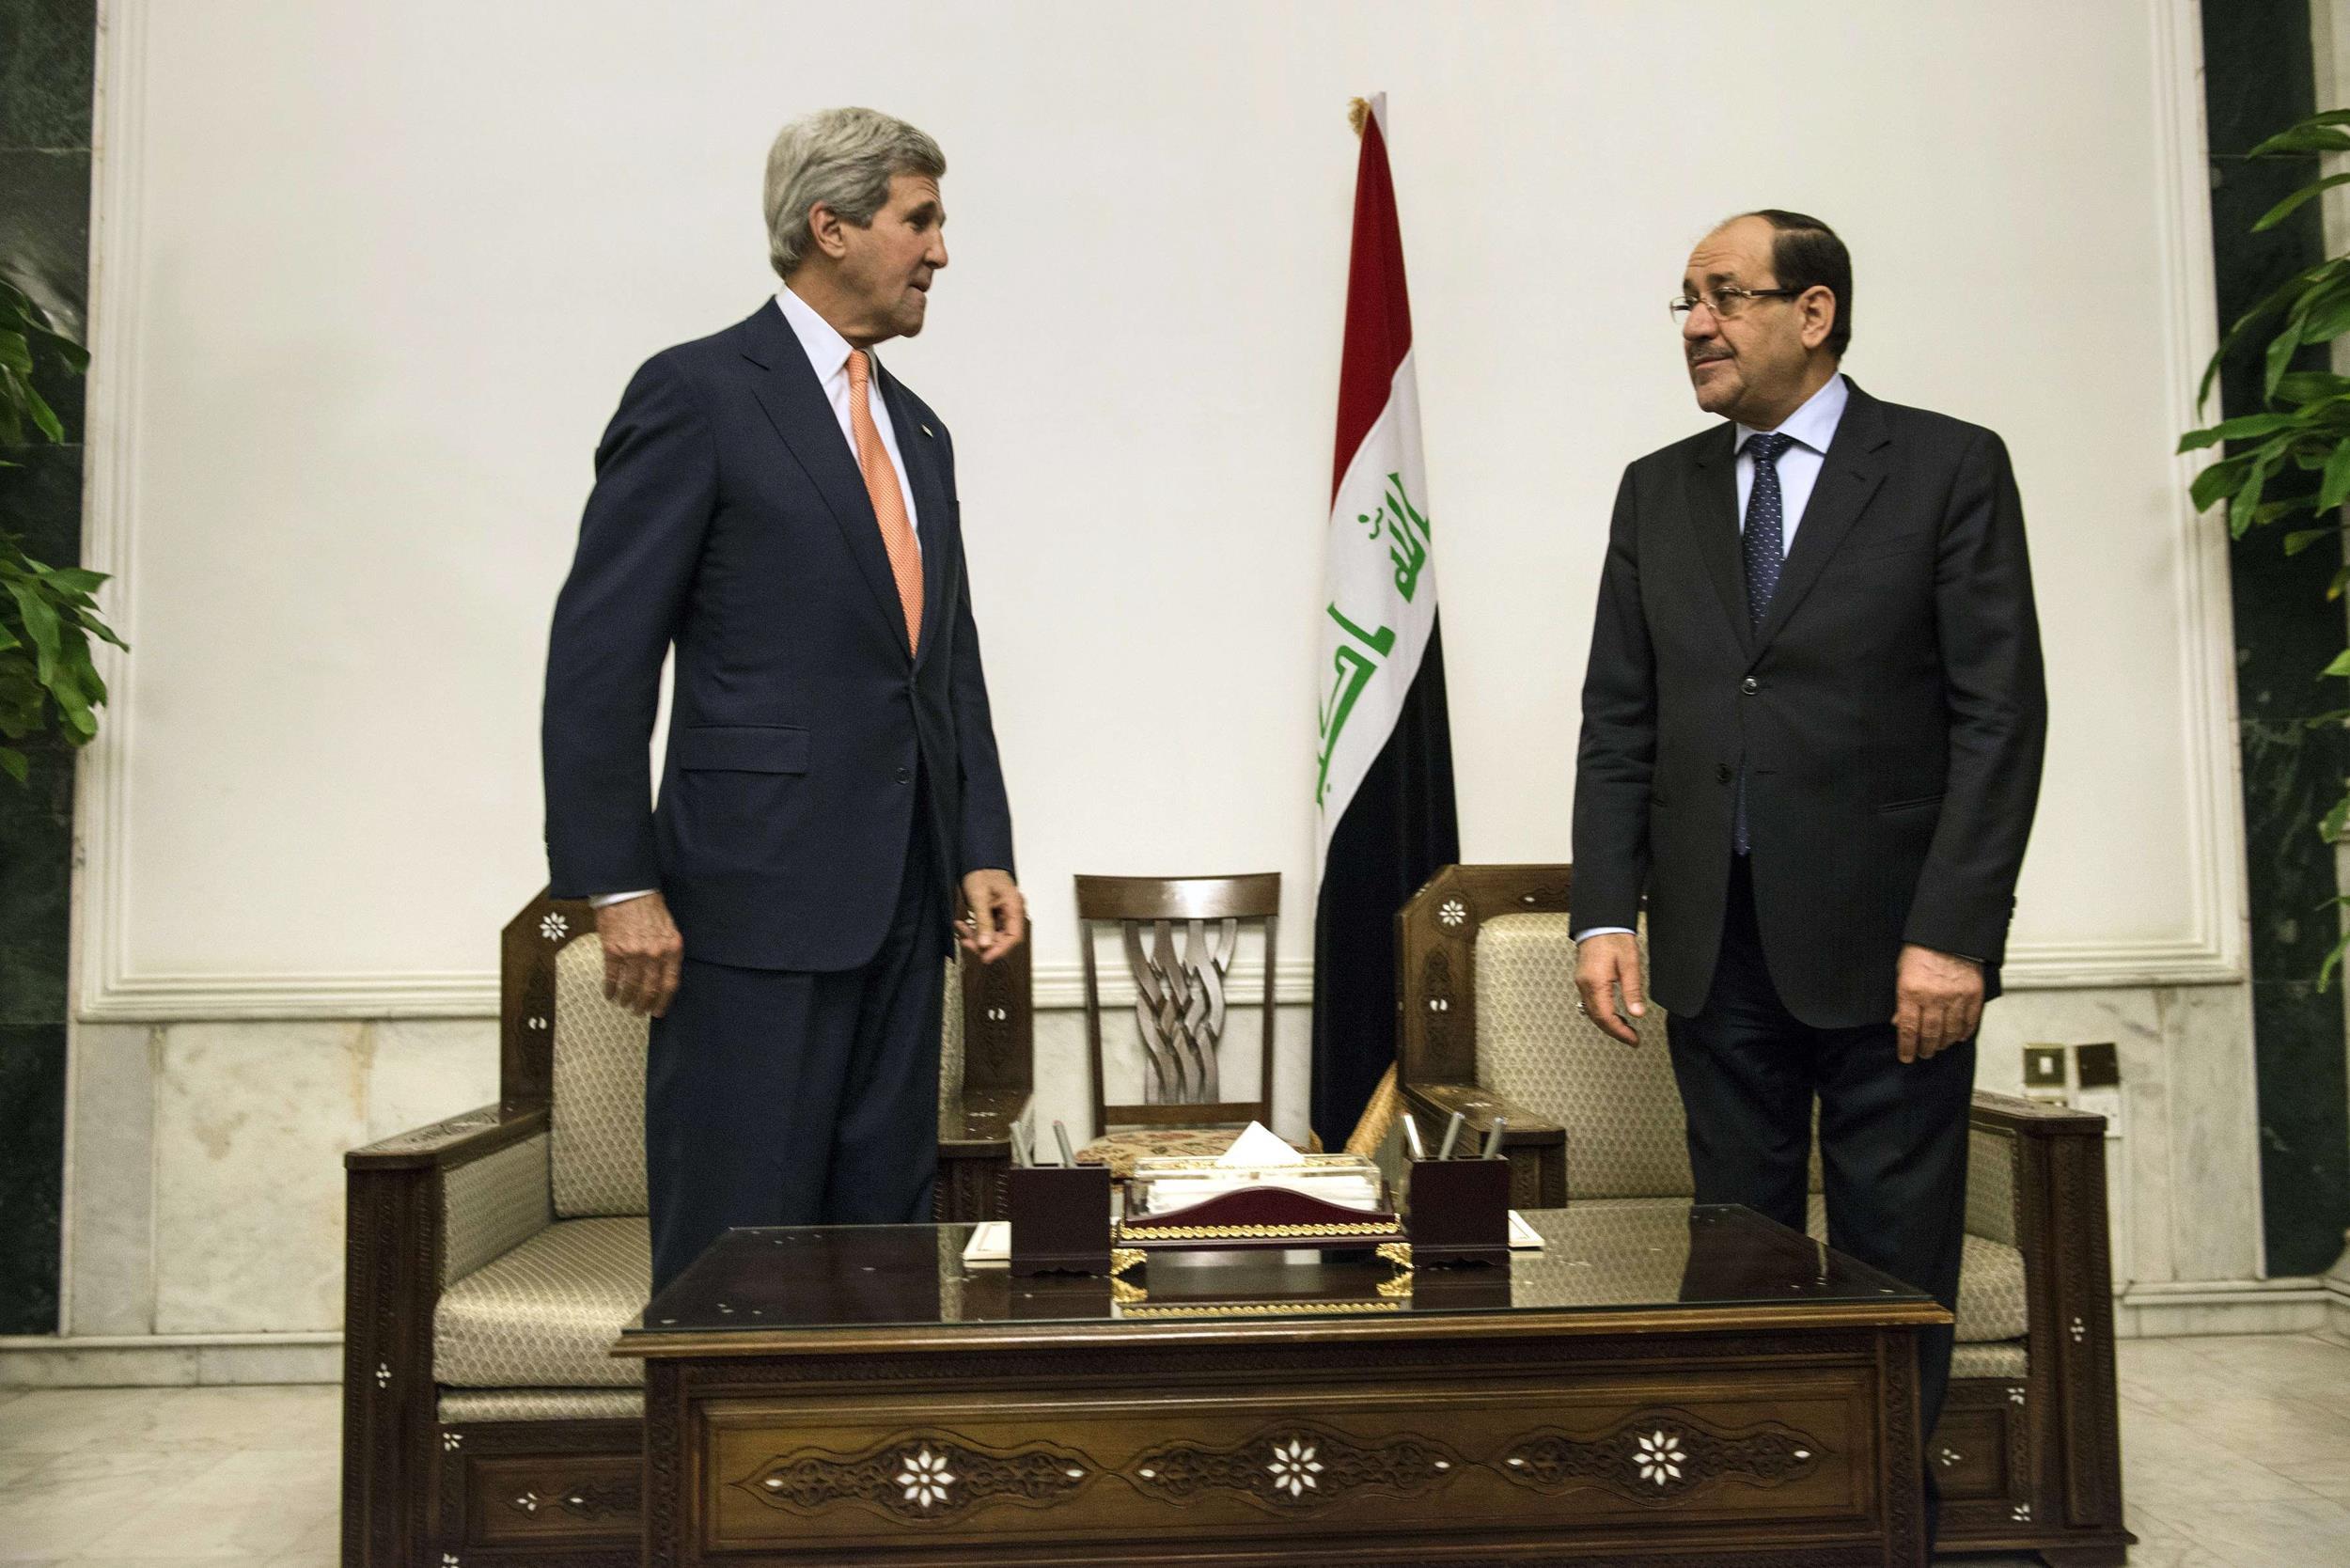 Image: John Kerry meet with Iraqi Prime Minister Nuri al-Maliki